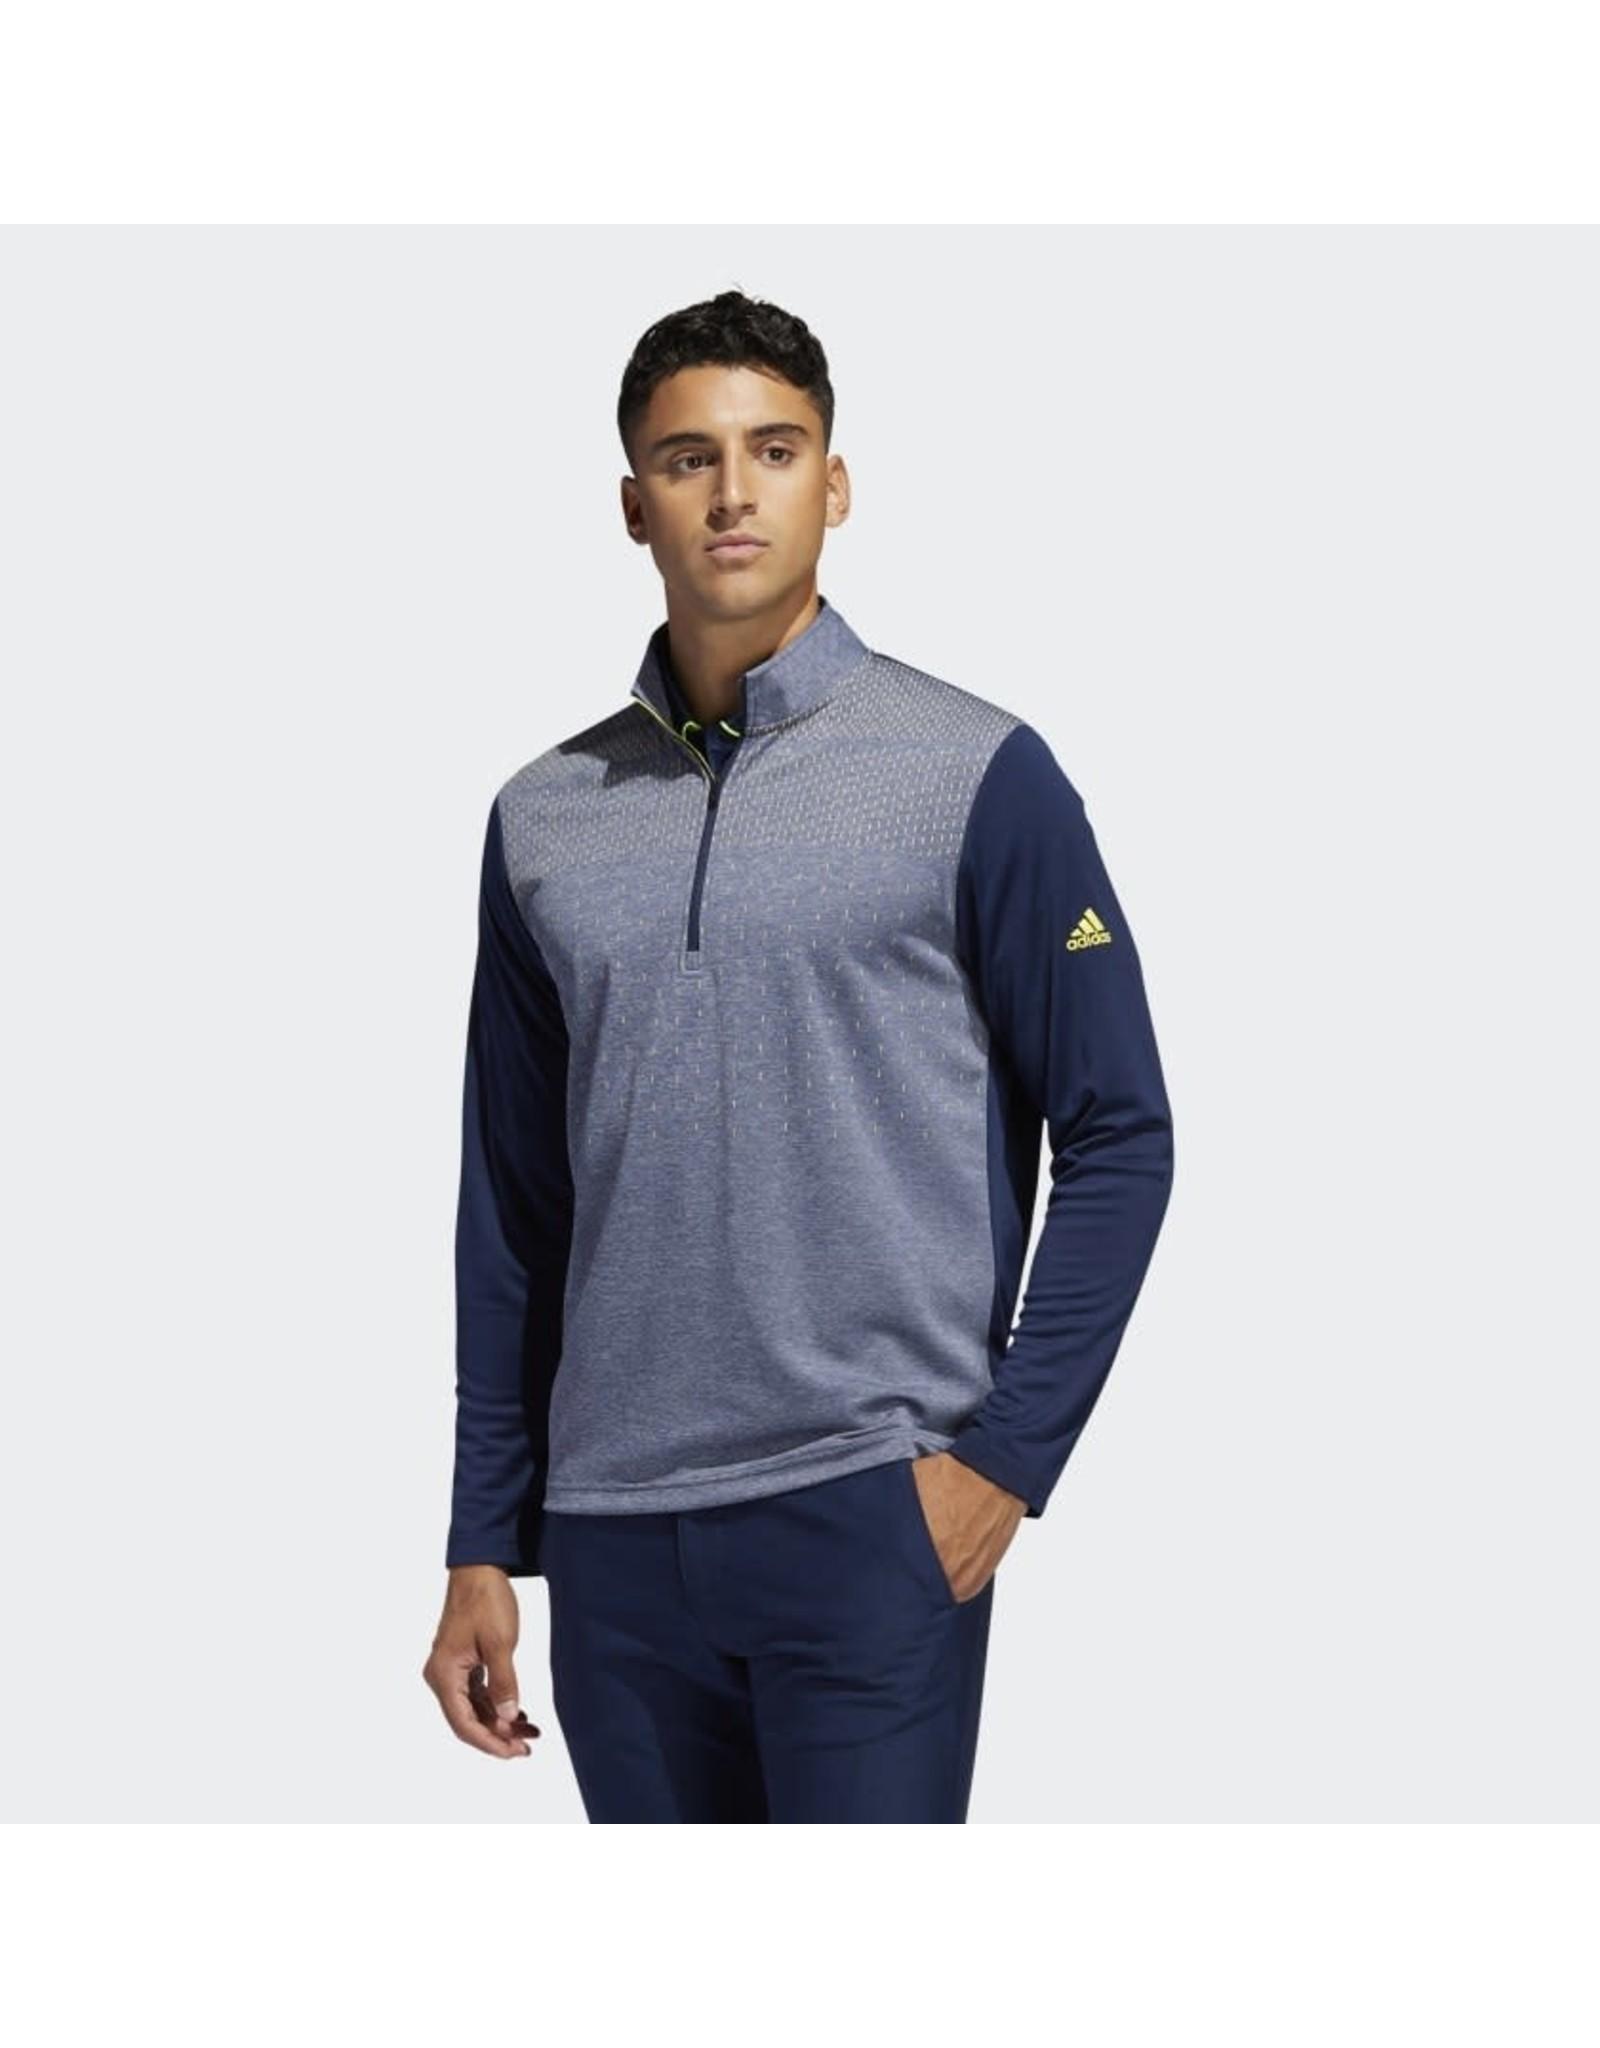 Adidas Adidas Long Sleeve